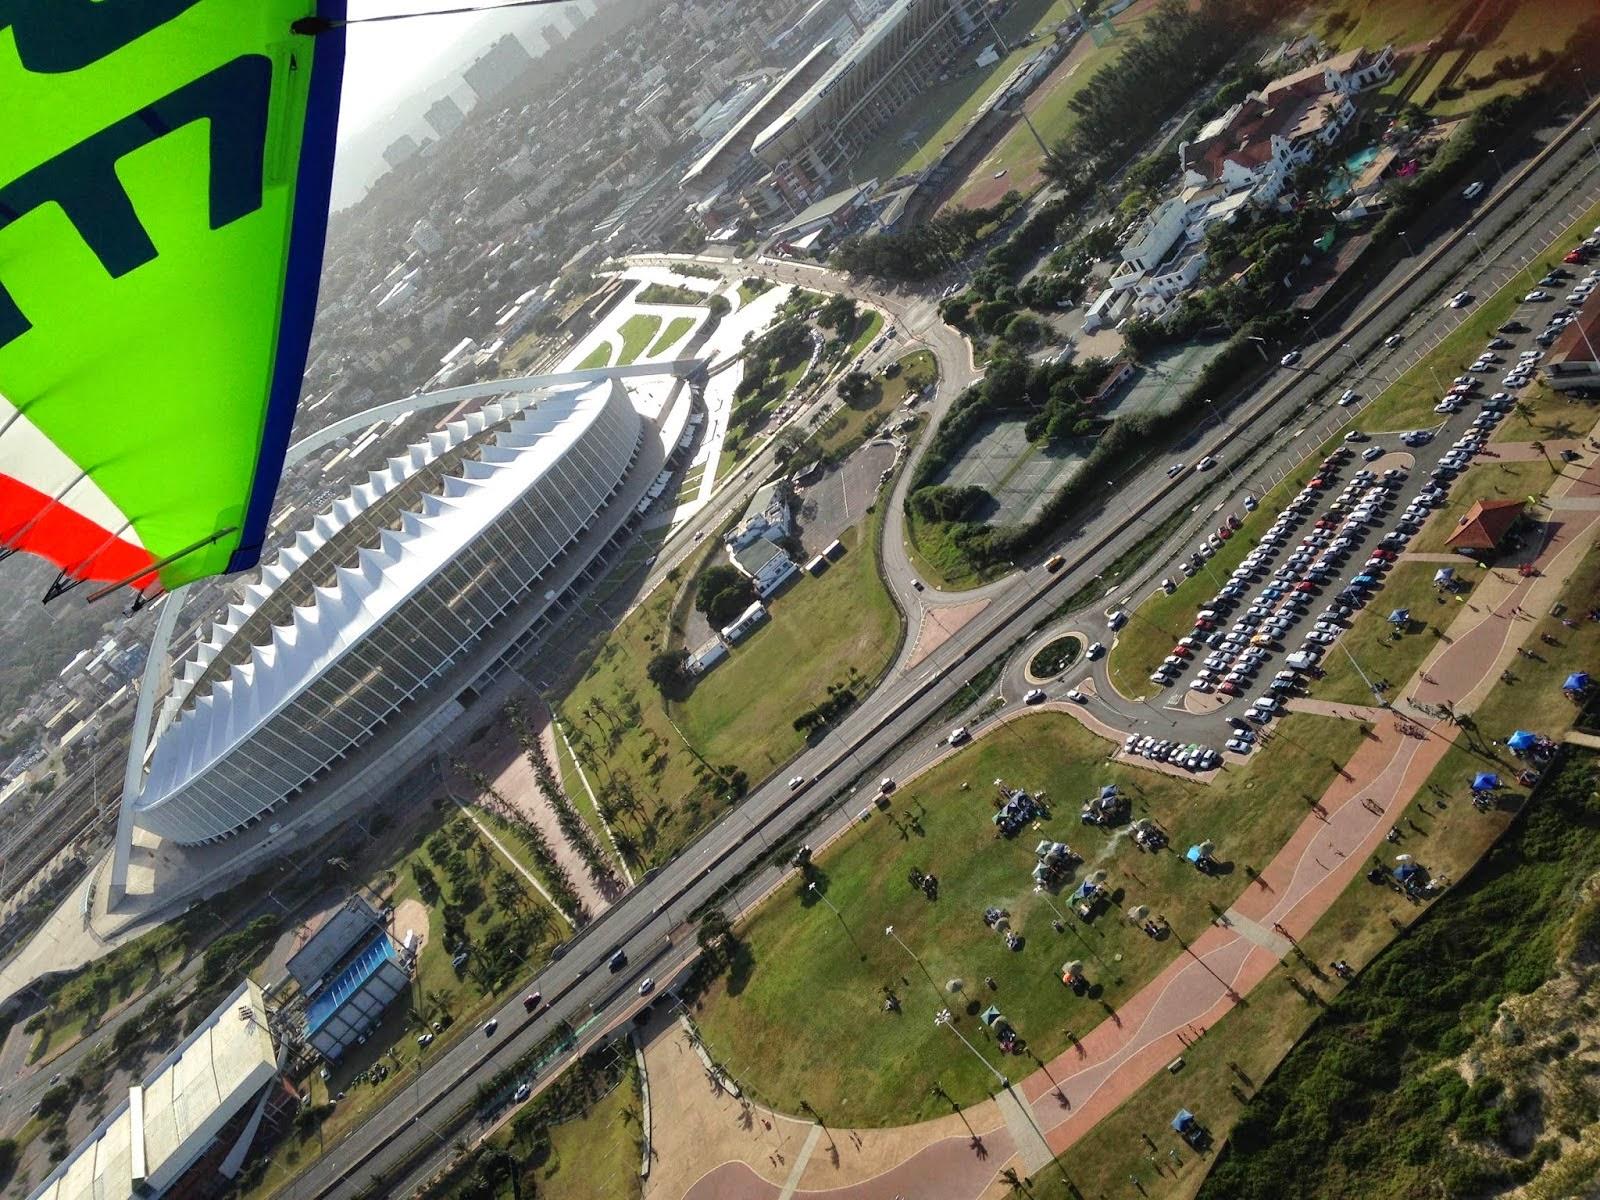 Durban's Stadium